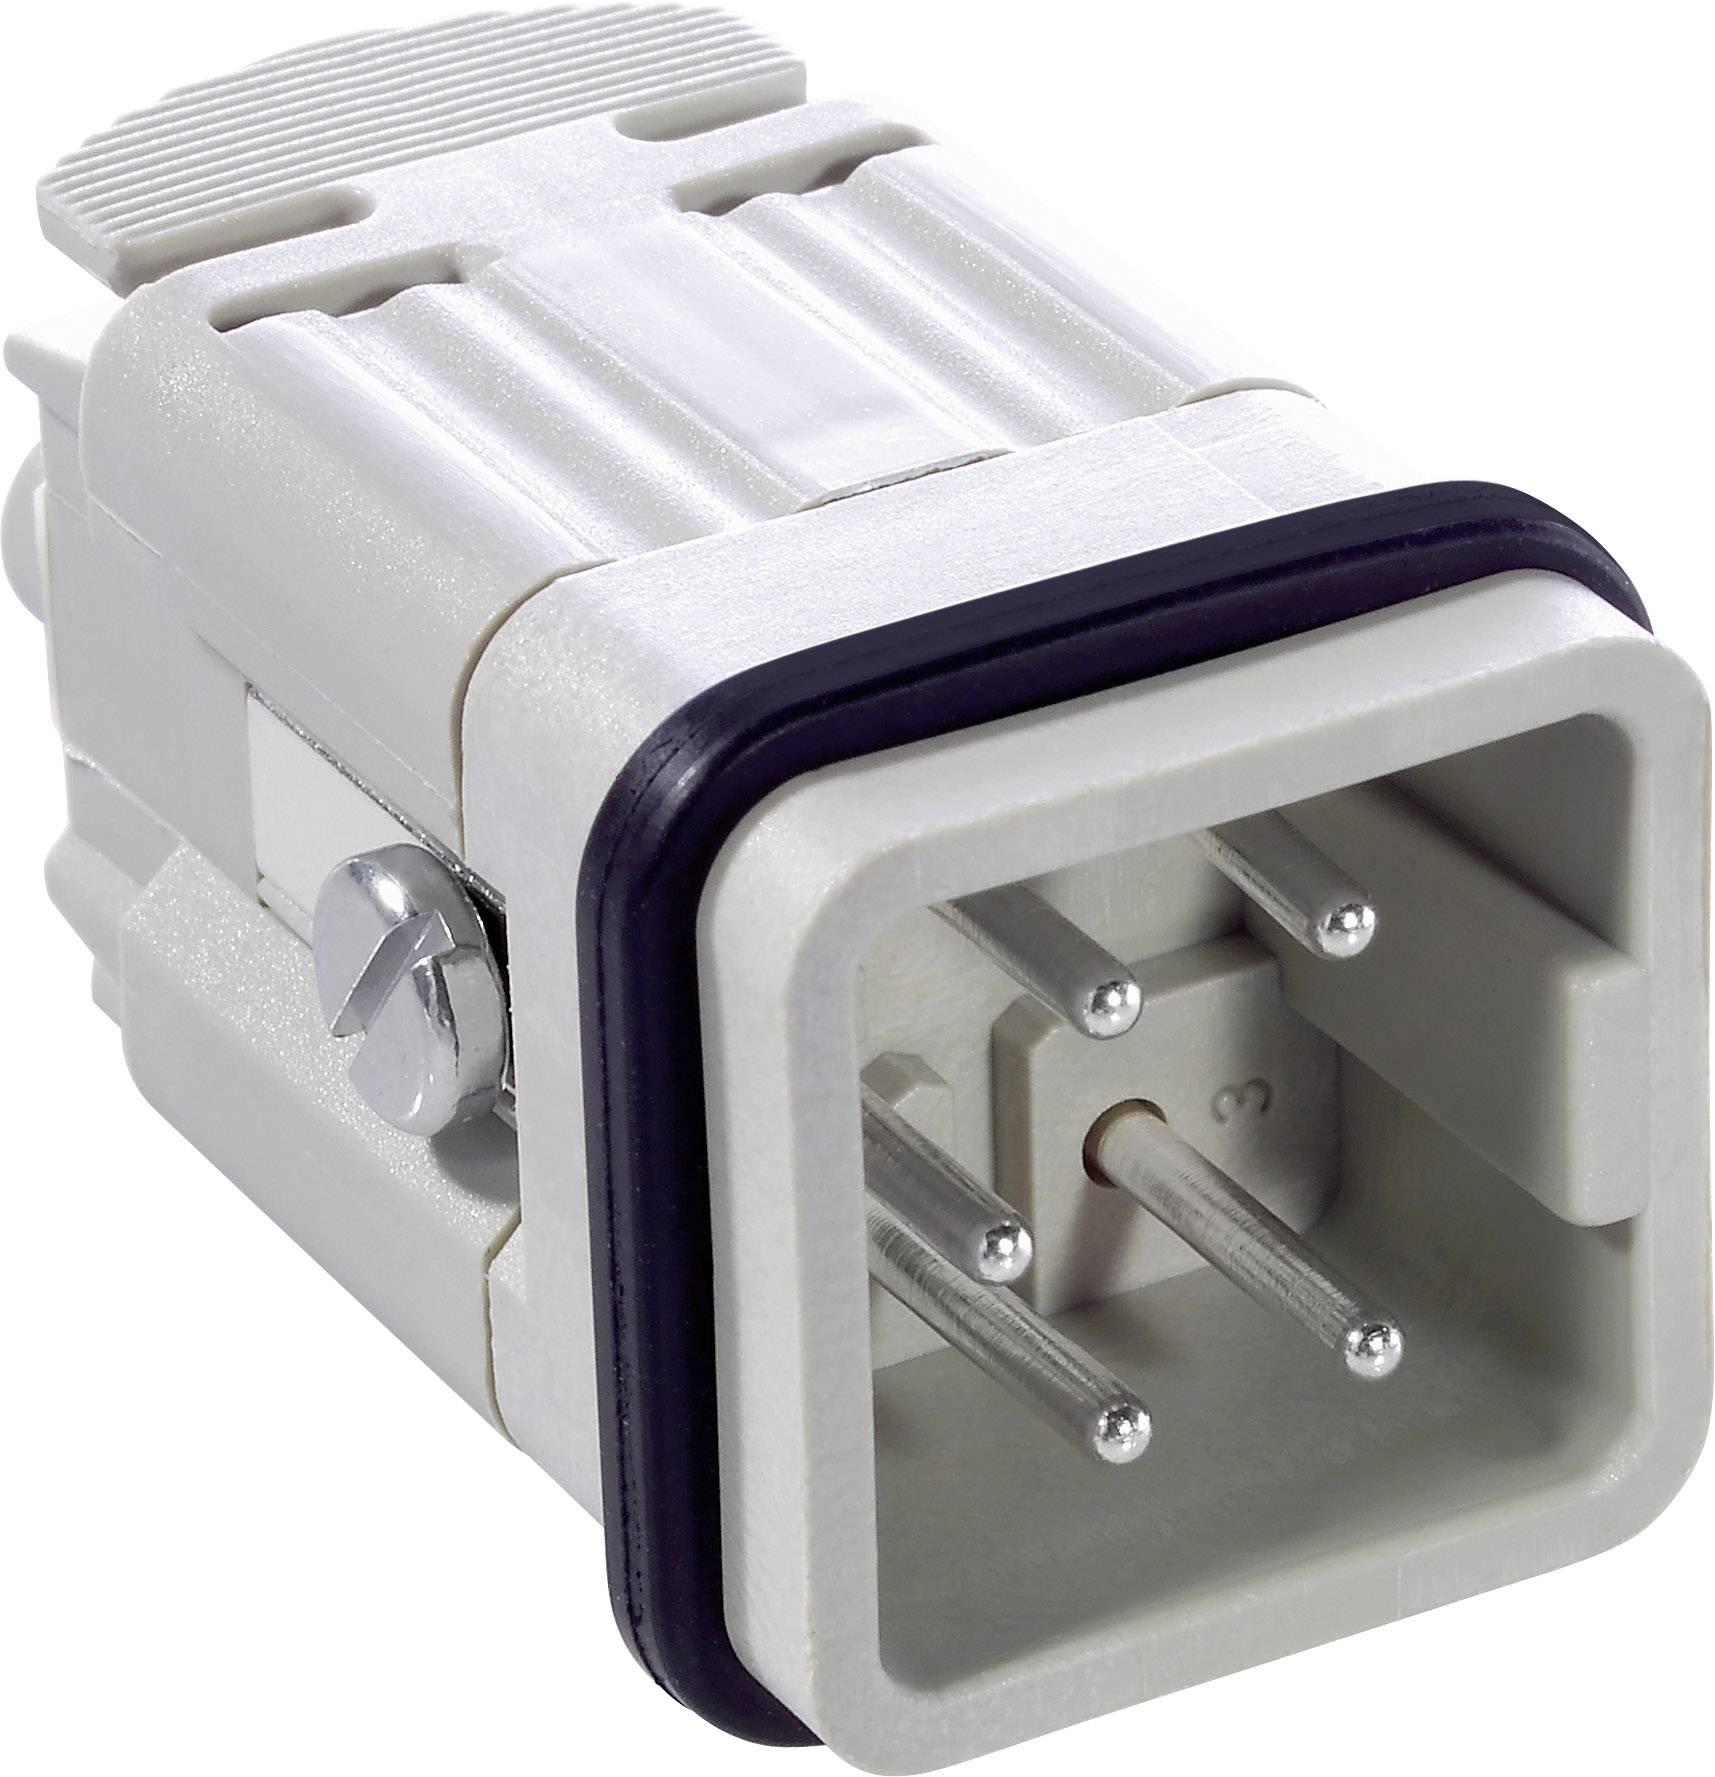 LappKabel EPIC® H-A 4 SS (10431000), Zásuvkový nástavec, IP65, šedá